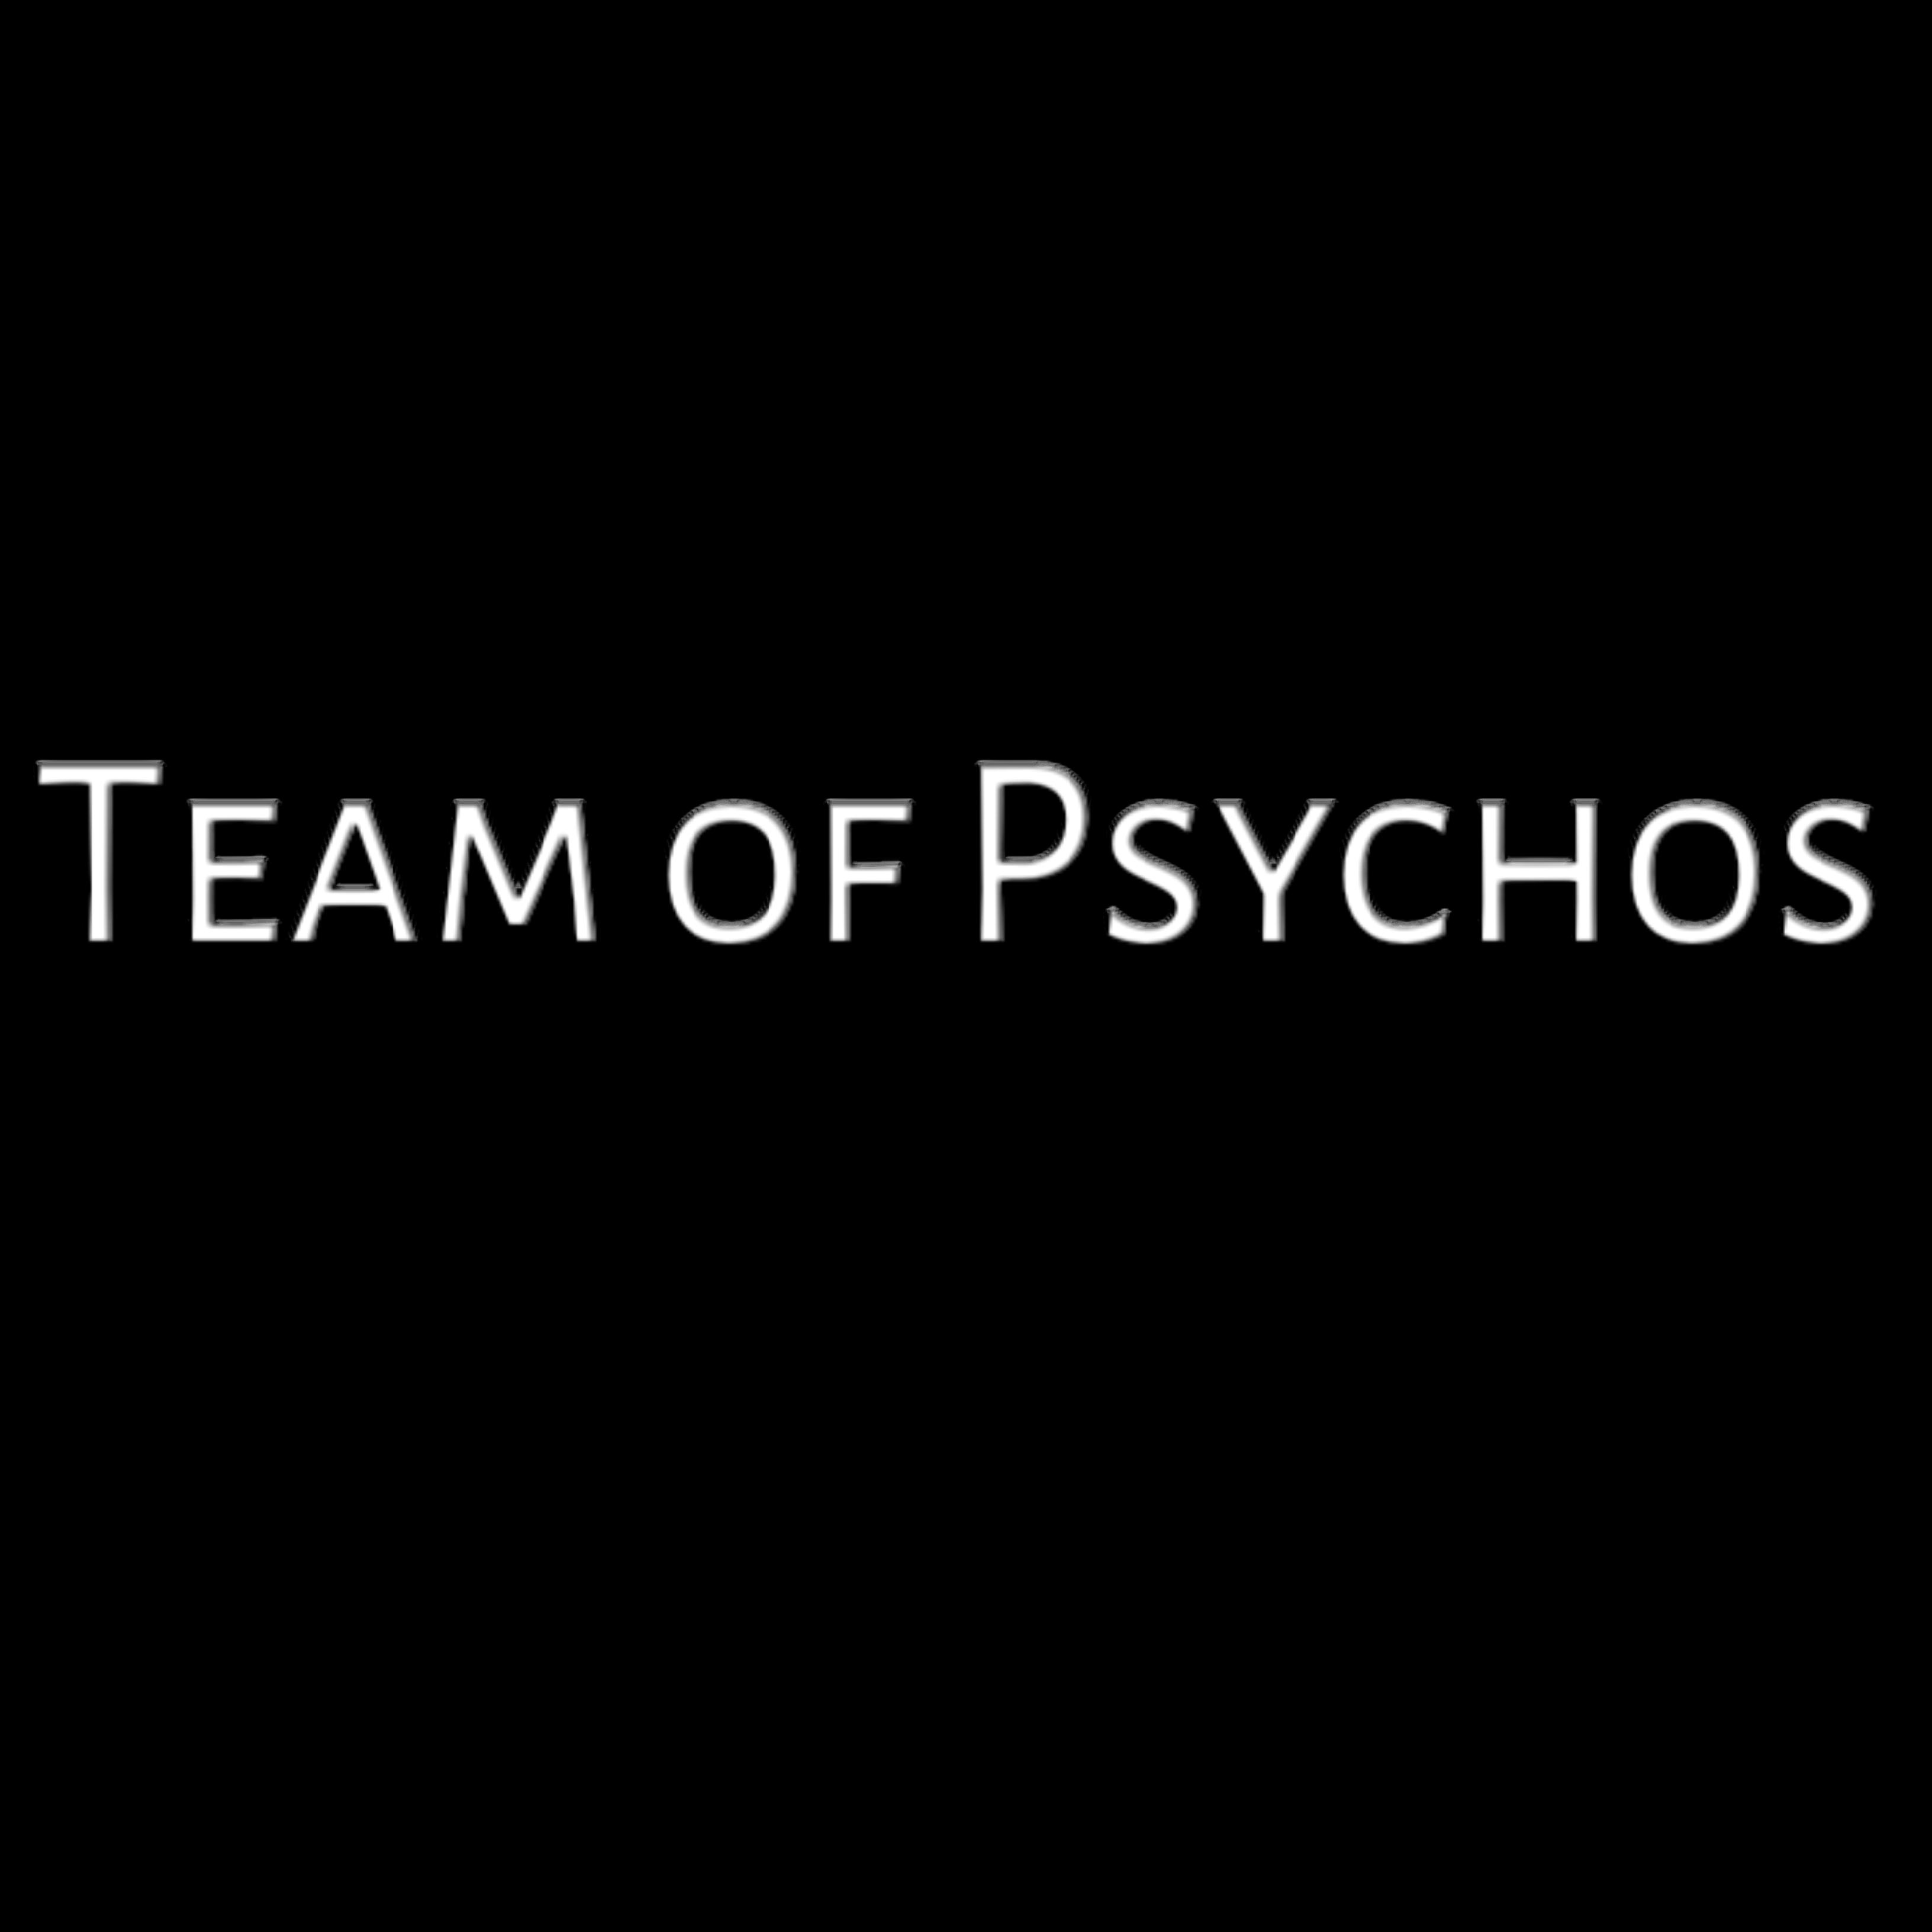 Team of Psychos